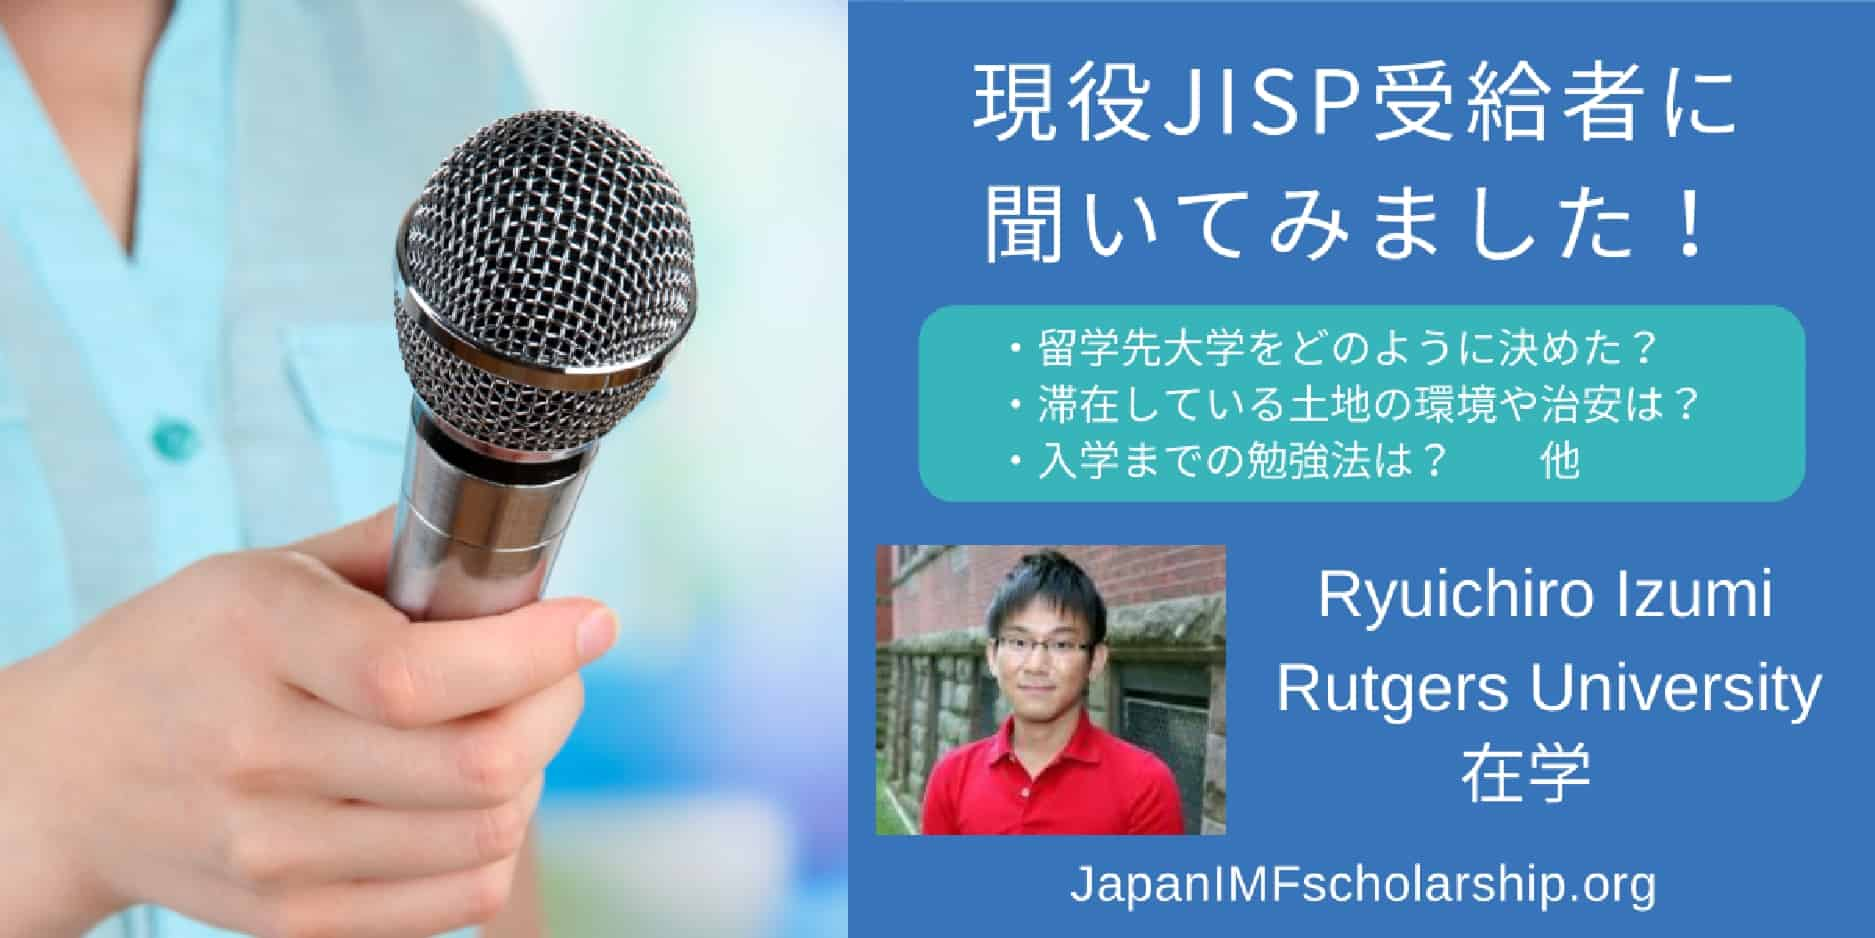 jisp 現役jisp受給者に聞いてみた -泉さん | visit japanimfscholarship.org